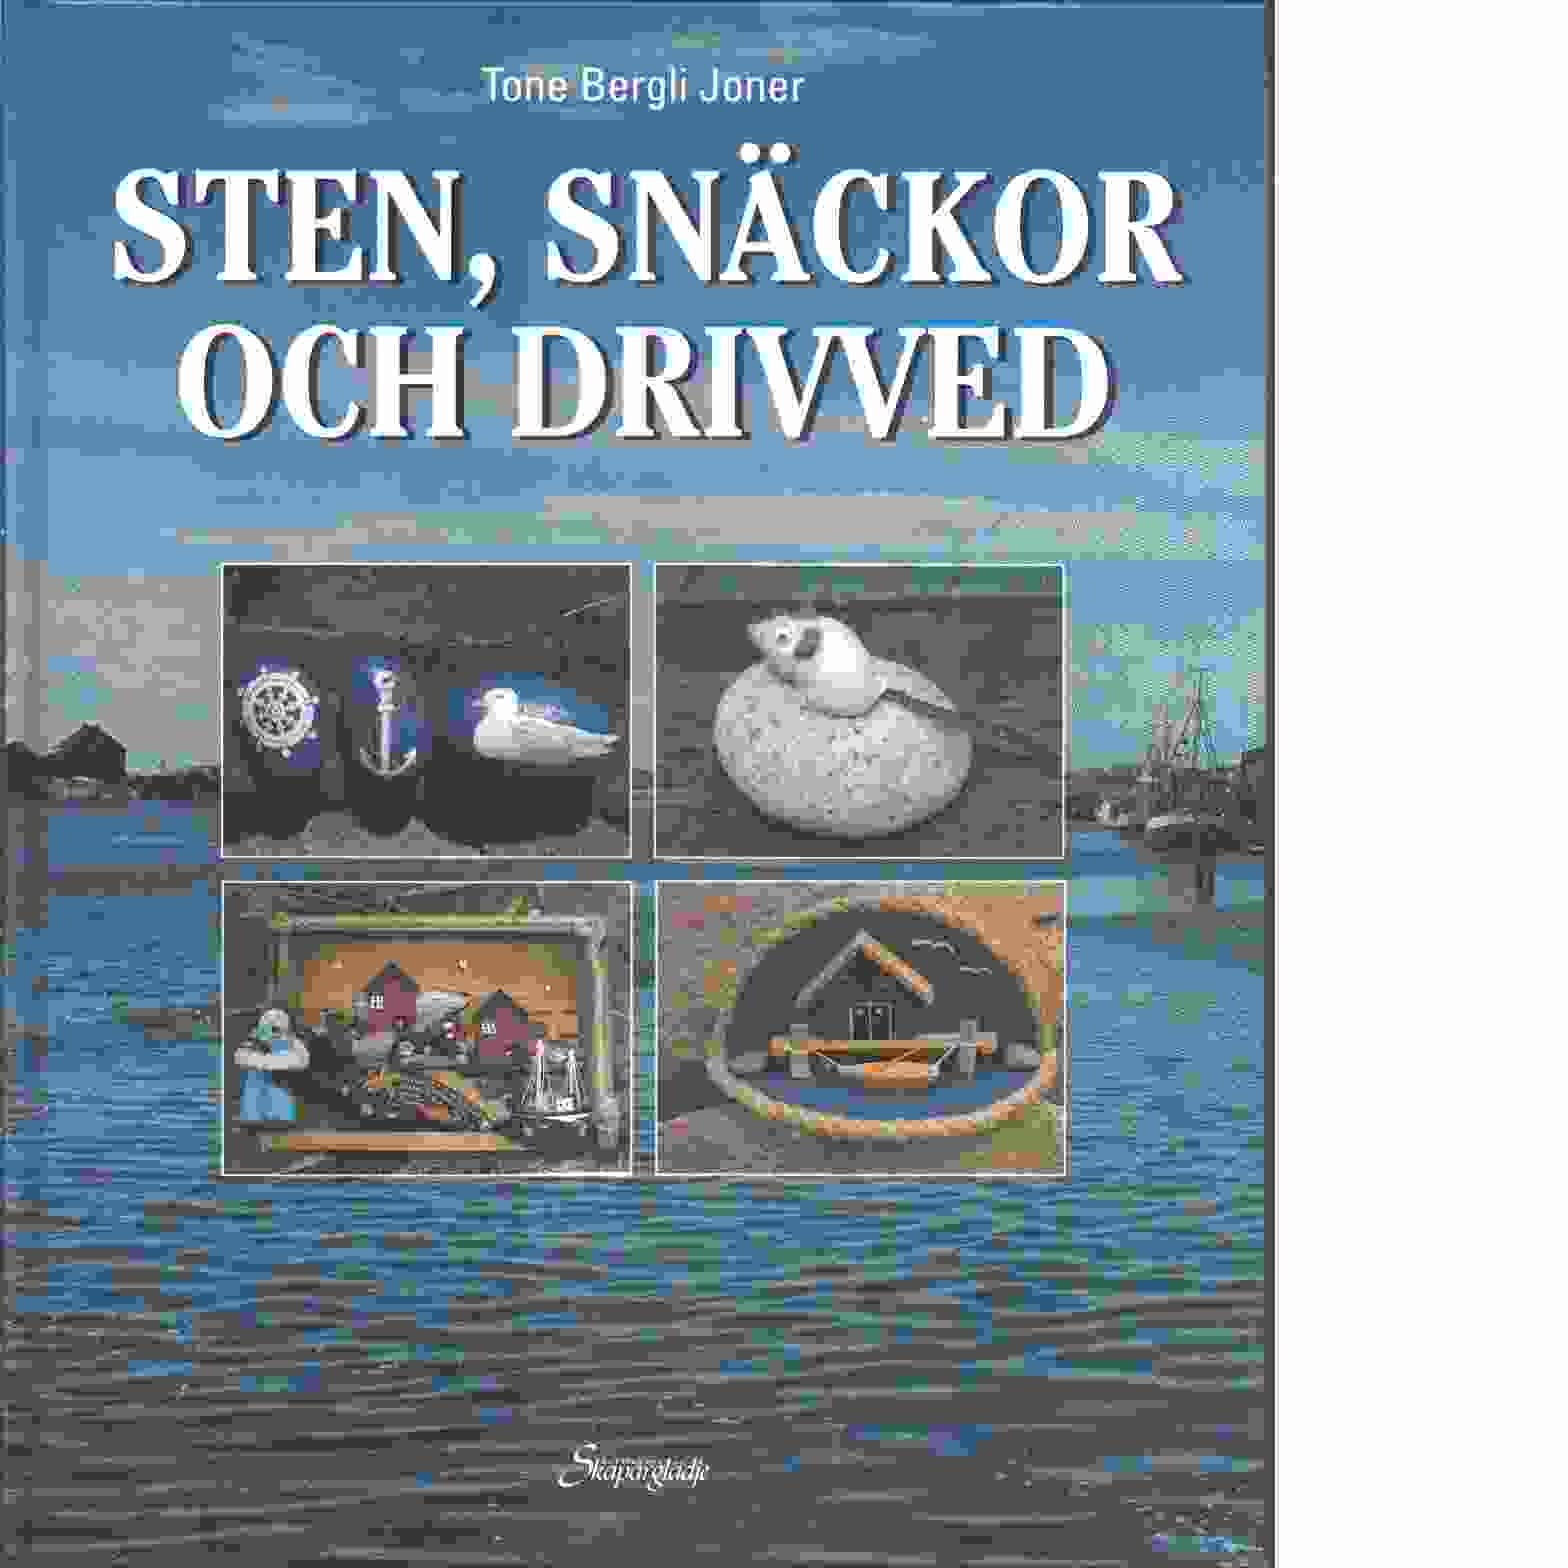 Sten, snäckor och drivved  - Joner, Tone Bergli